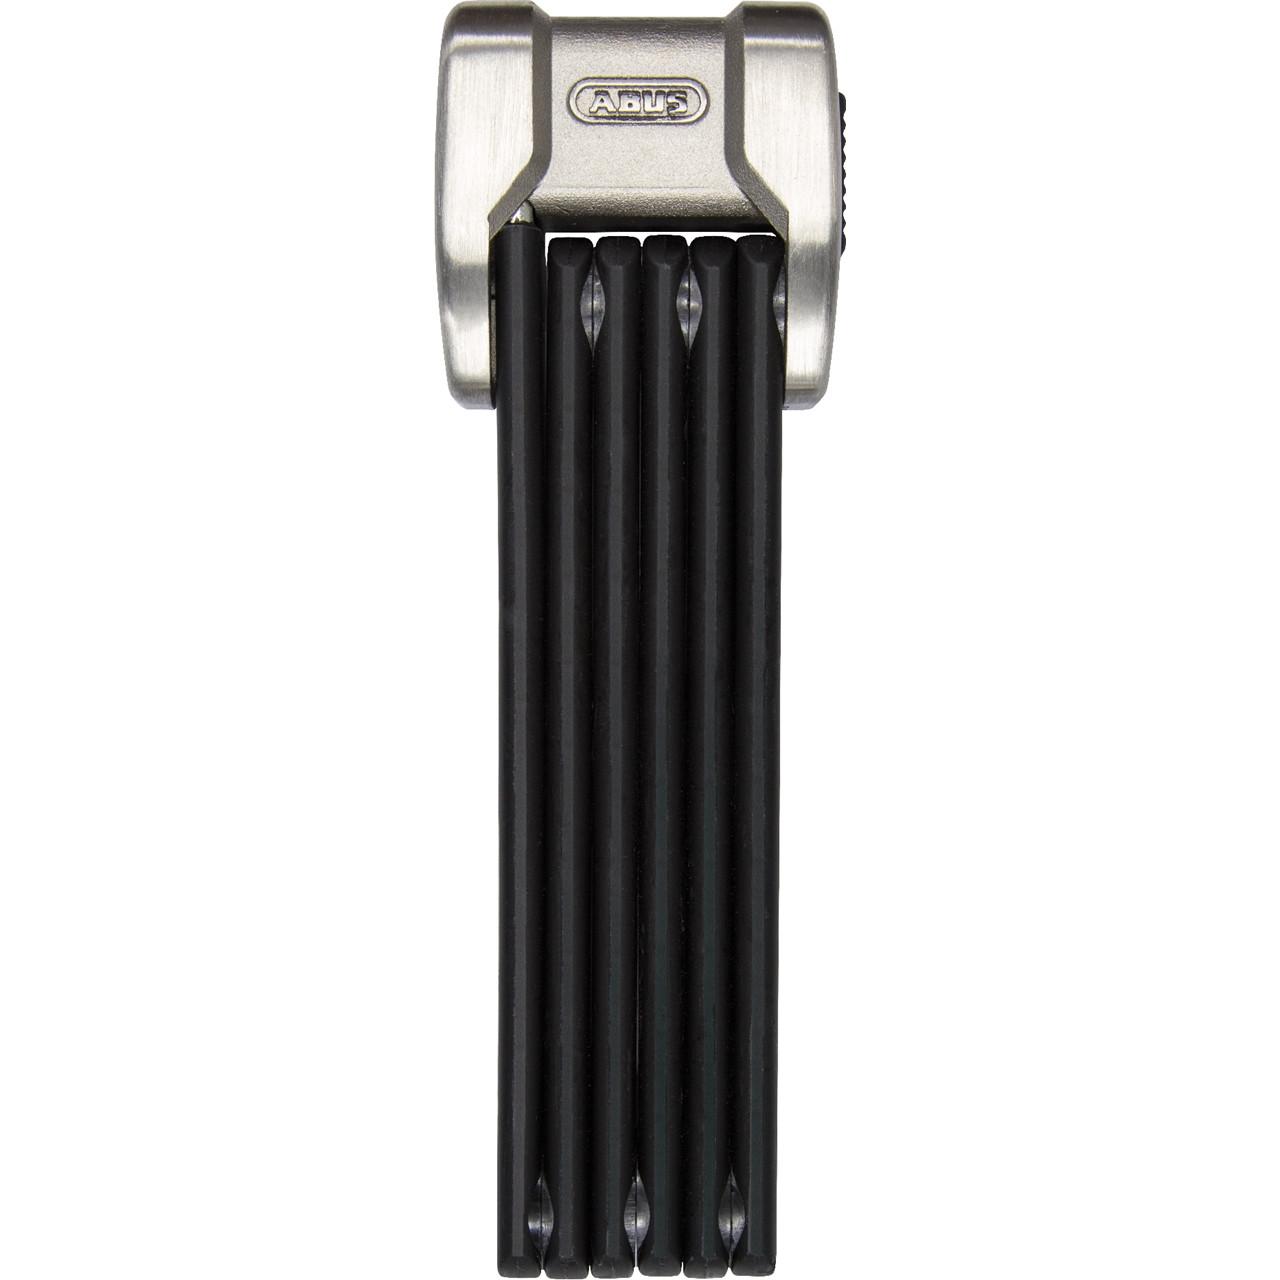 Image of ABUS Bordo 6010 Centium